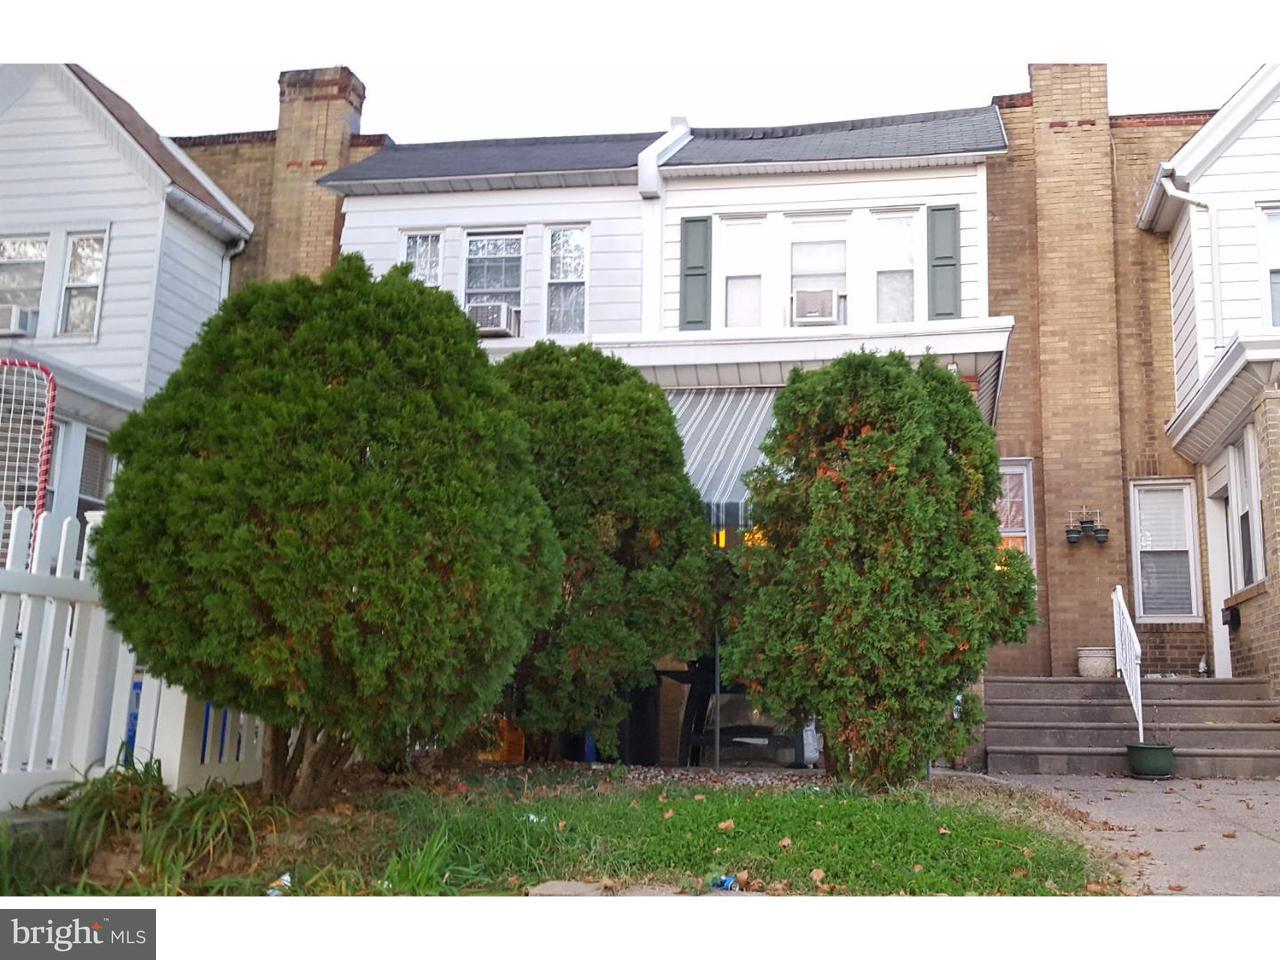 3463  Saint Vincent Philadelphia, PA 19149